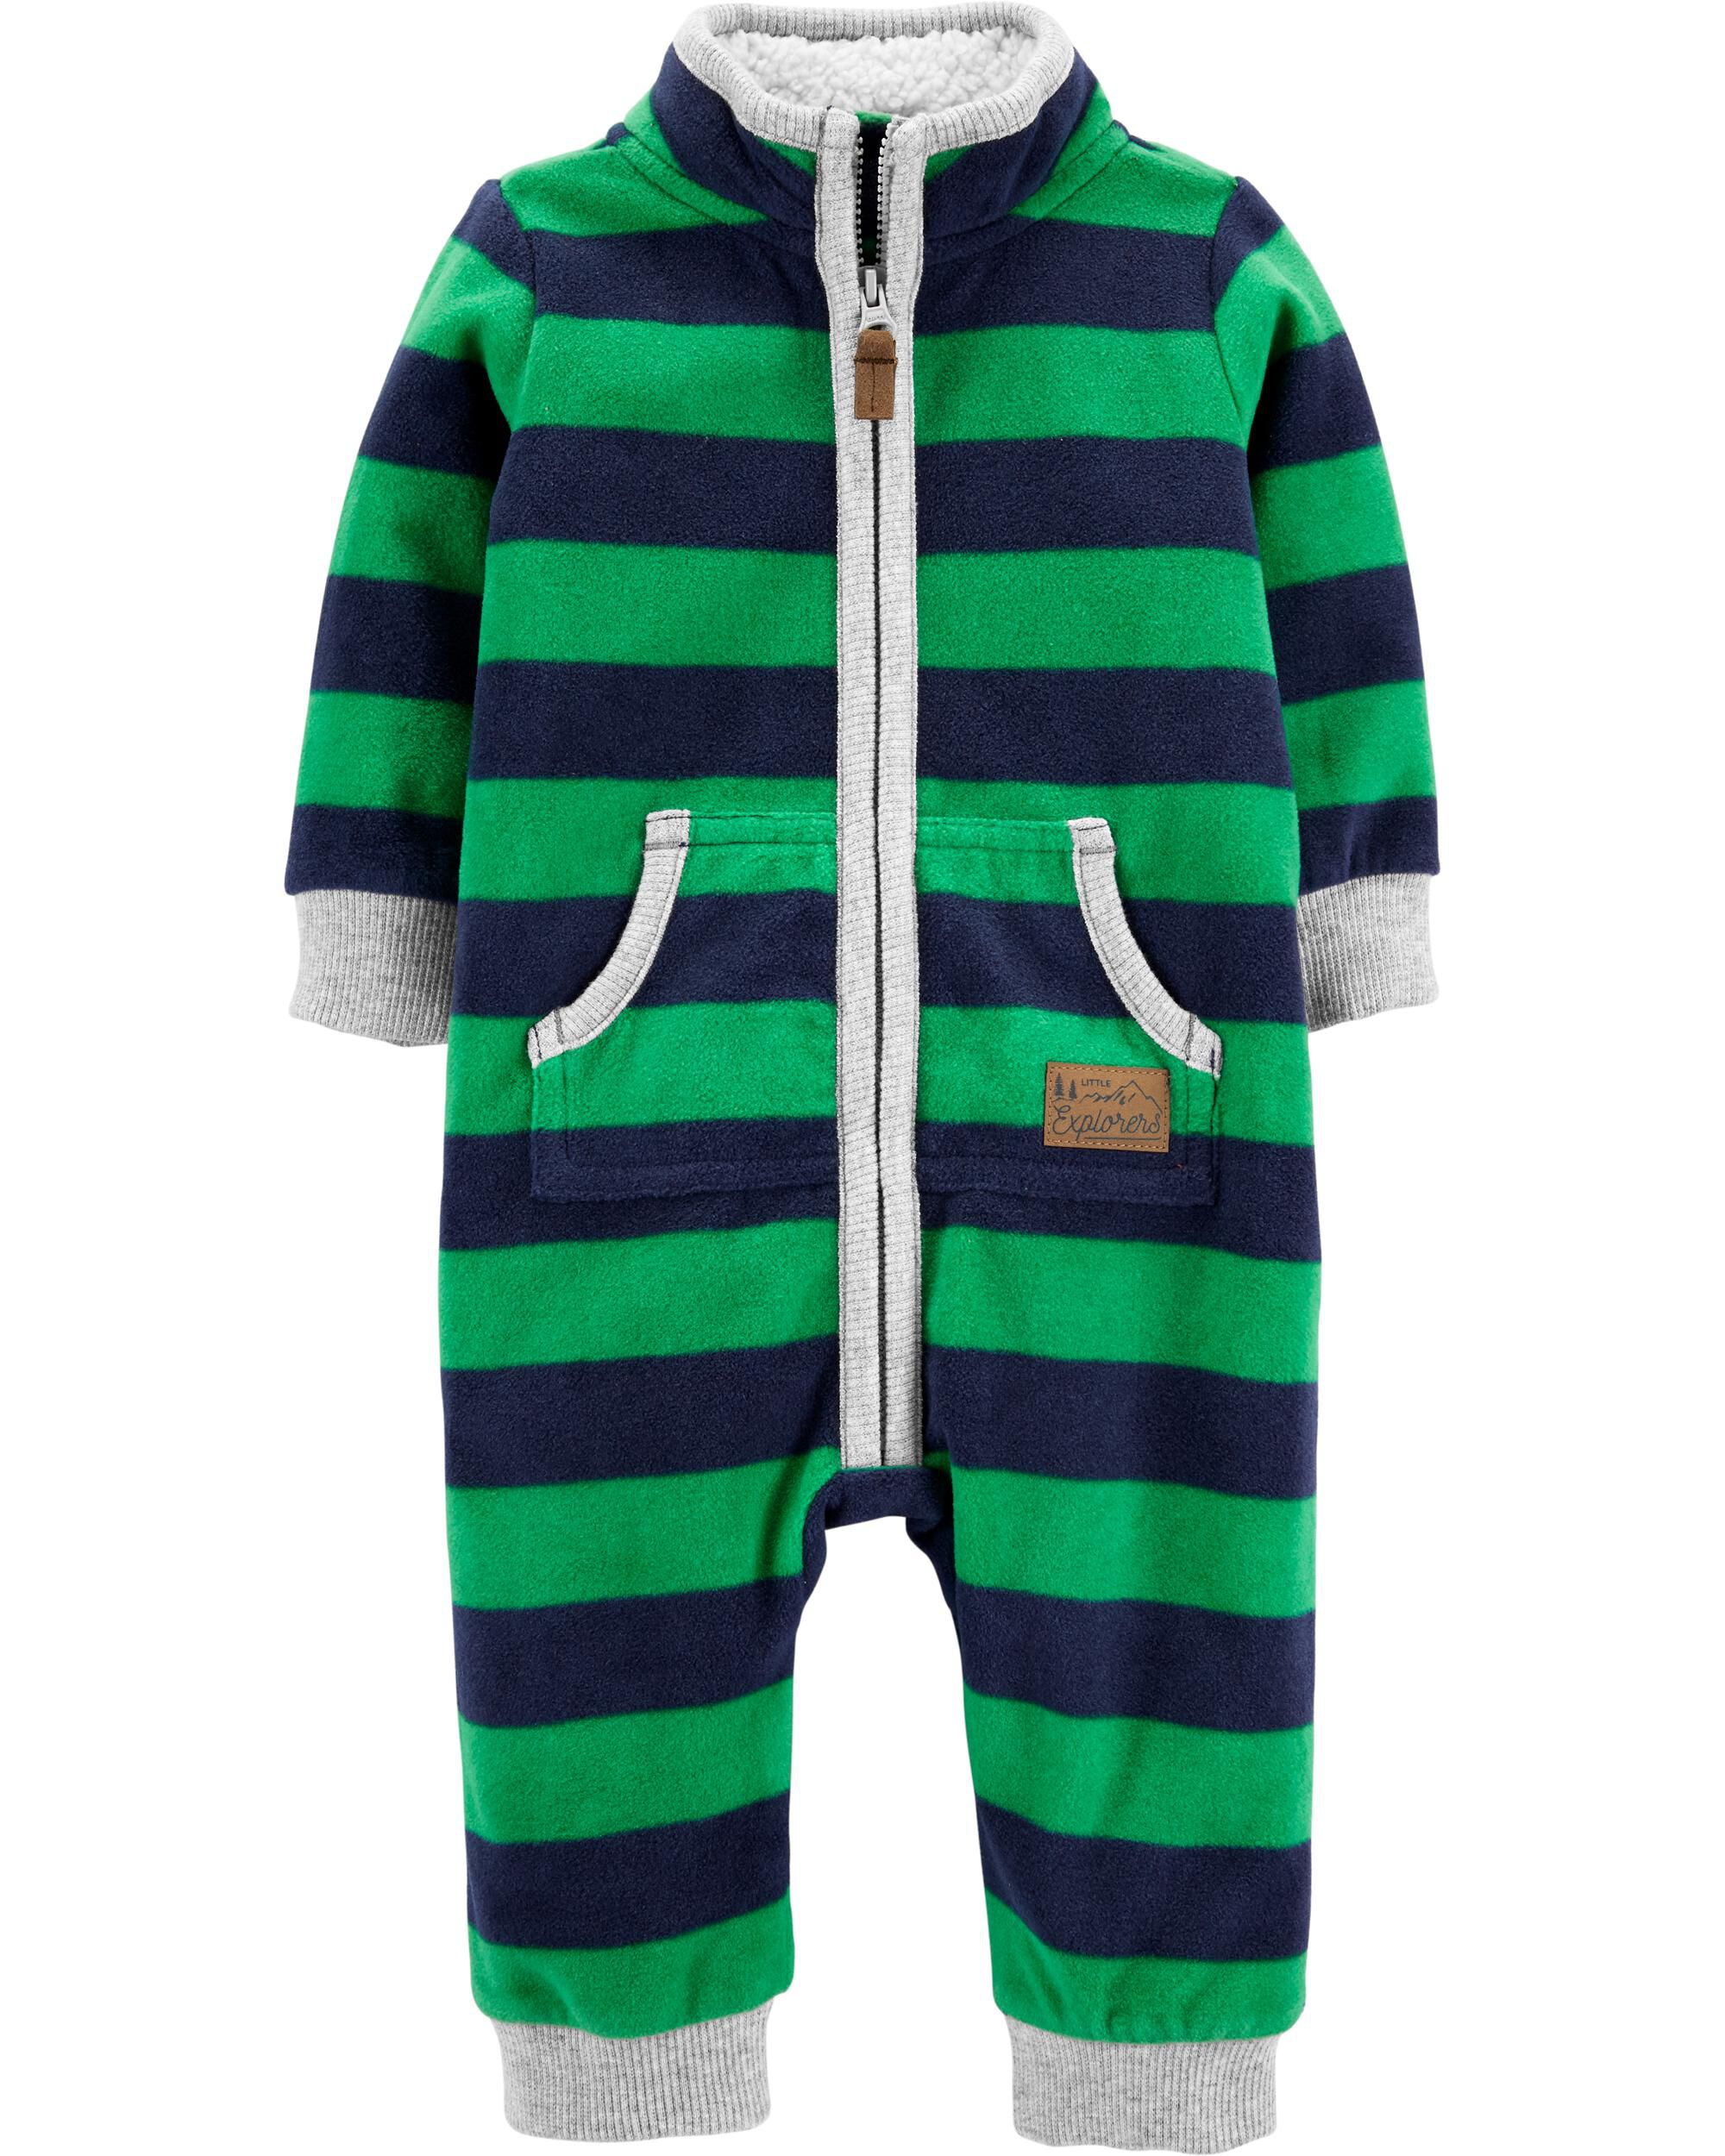 *DOORBUSTER* Zip-Up Striped Fleece Jumpsuit